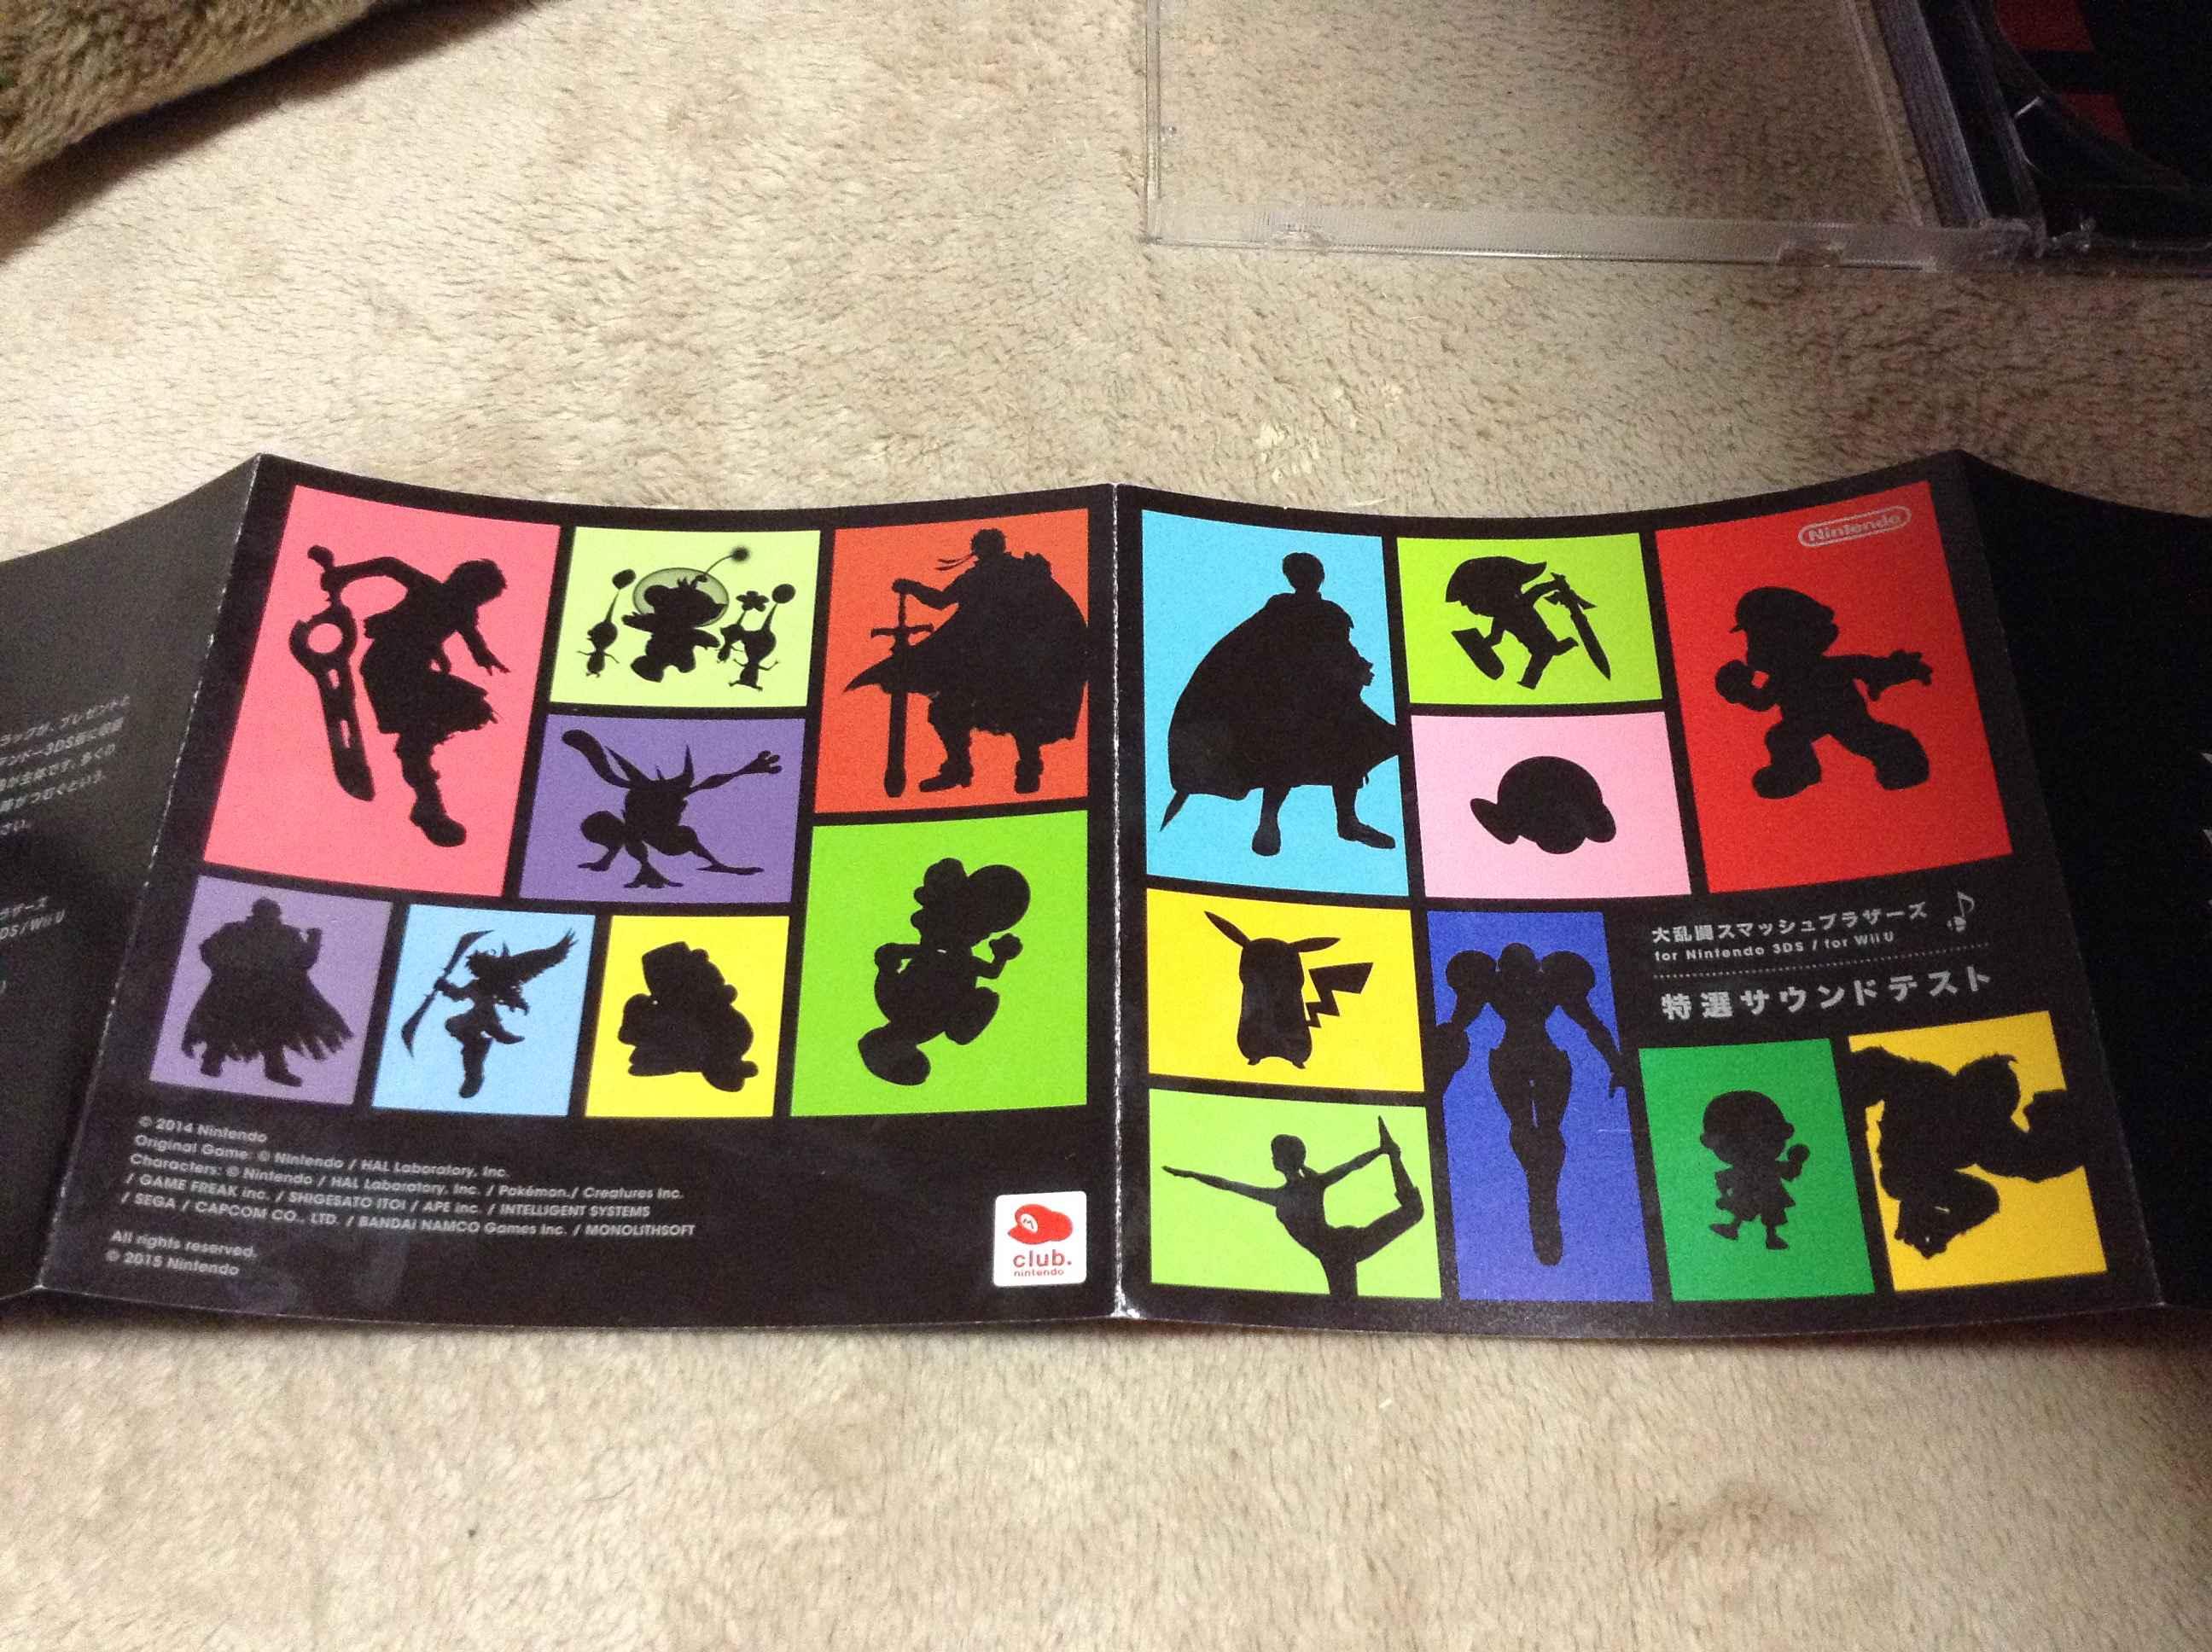 大乱闘スマッシュブラザーズ特選サウンドテストCDジャケット